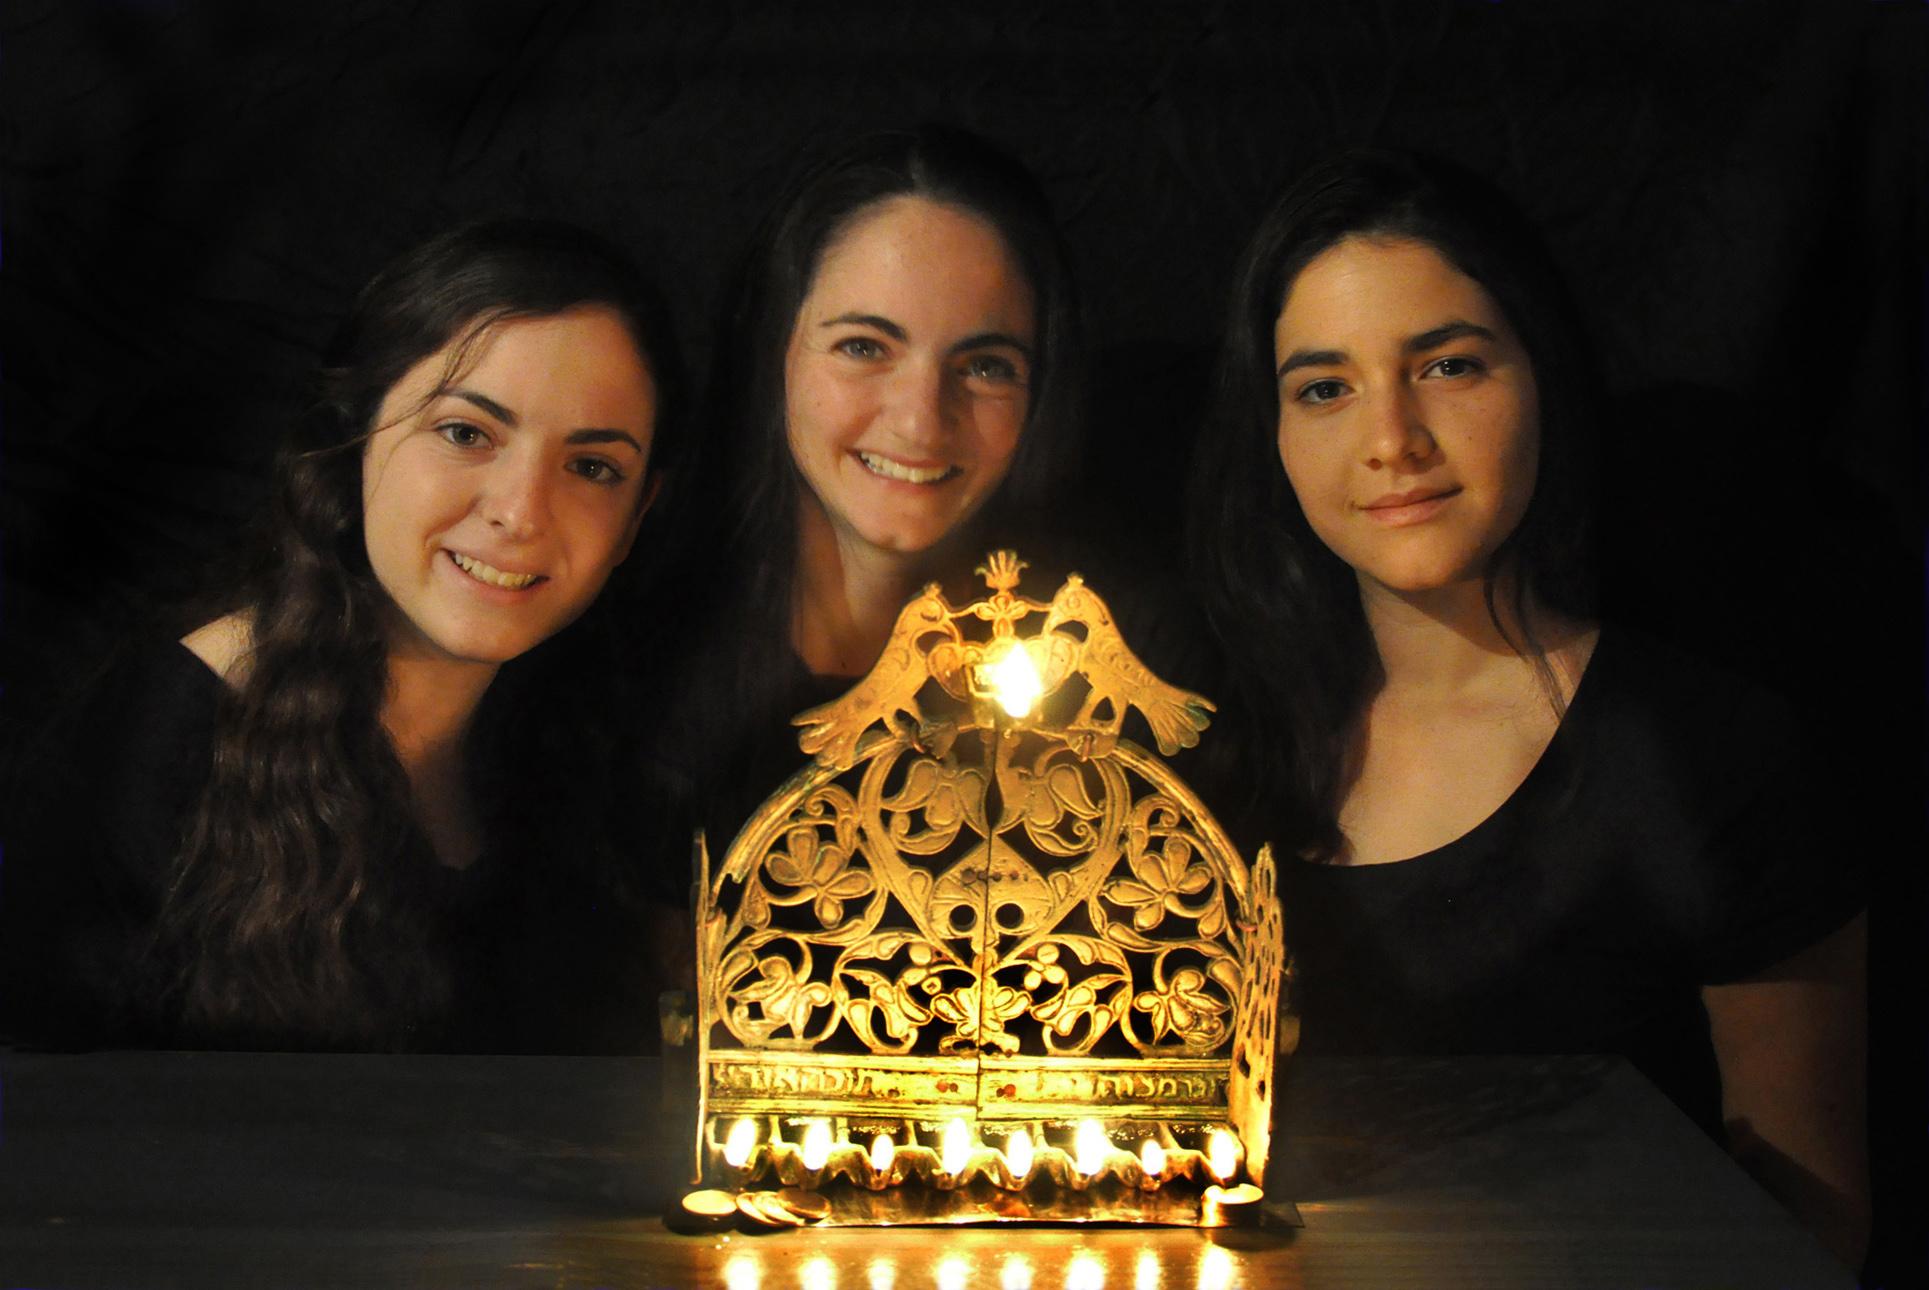 אור בבית - בנות שתרוג - חנוכה 2015 - יואל שתרוג - אדמה יוצרת - yoel sitruk